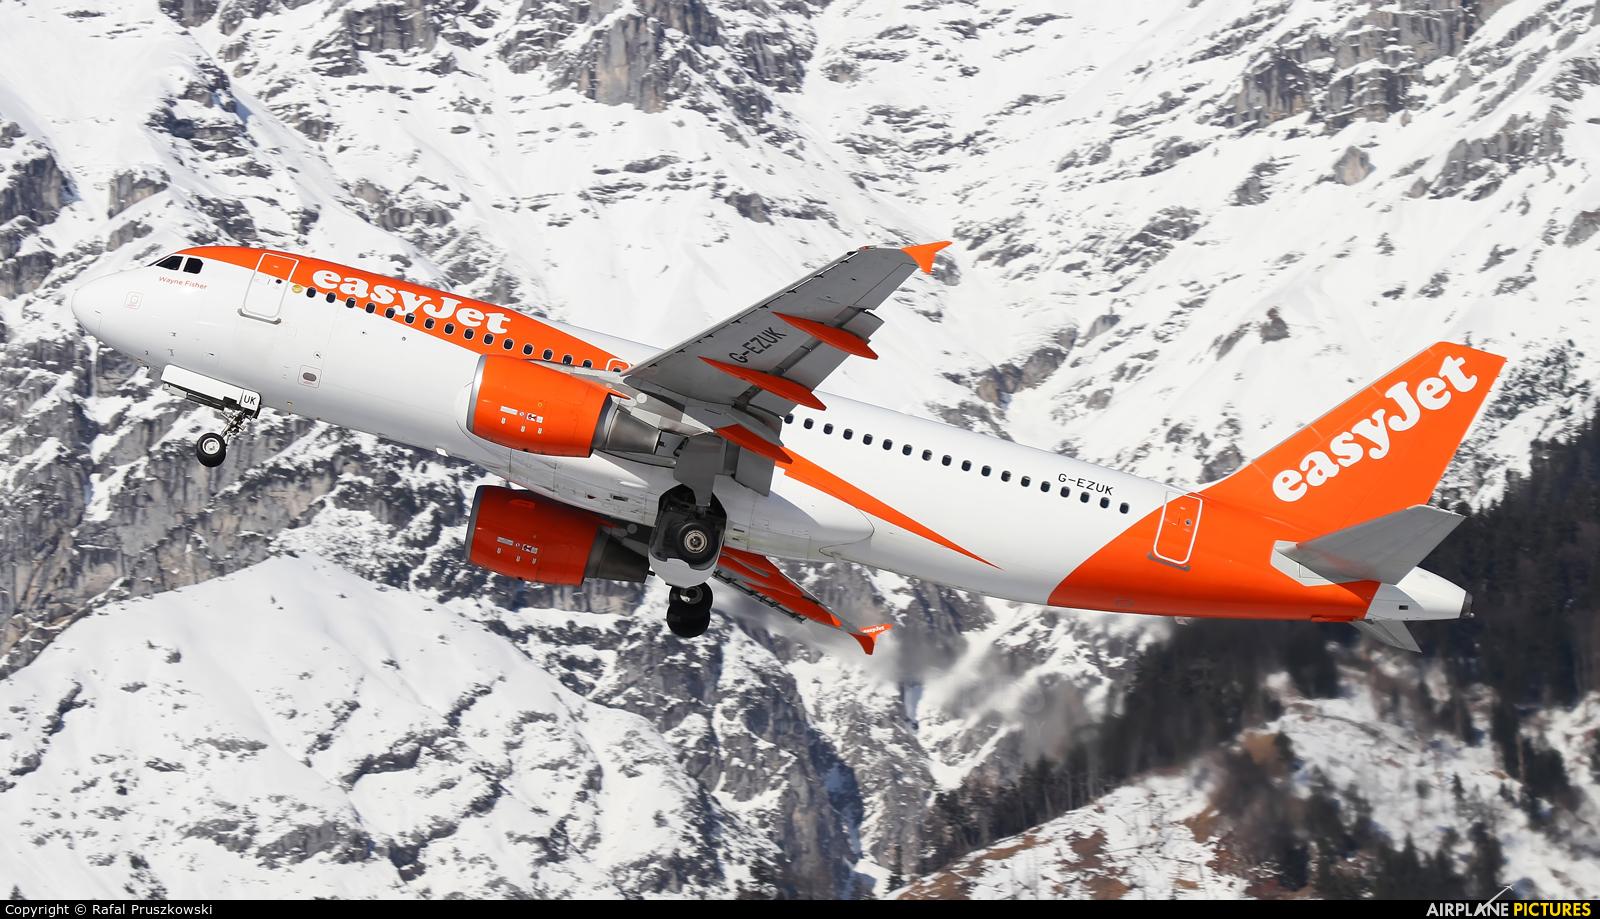 easyJet G-EZUK aircraft at Innsbruck